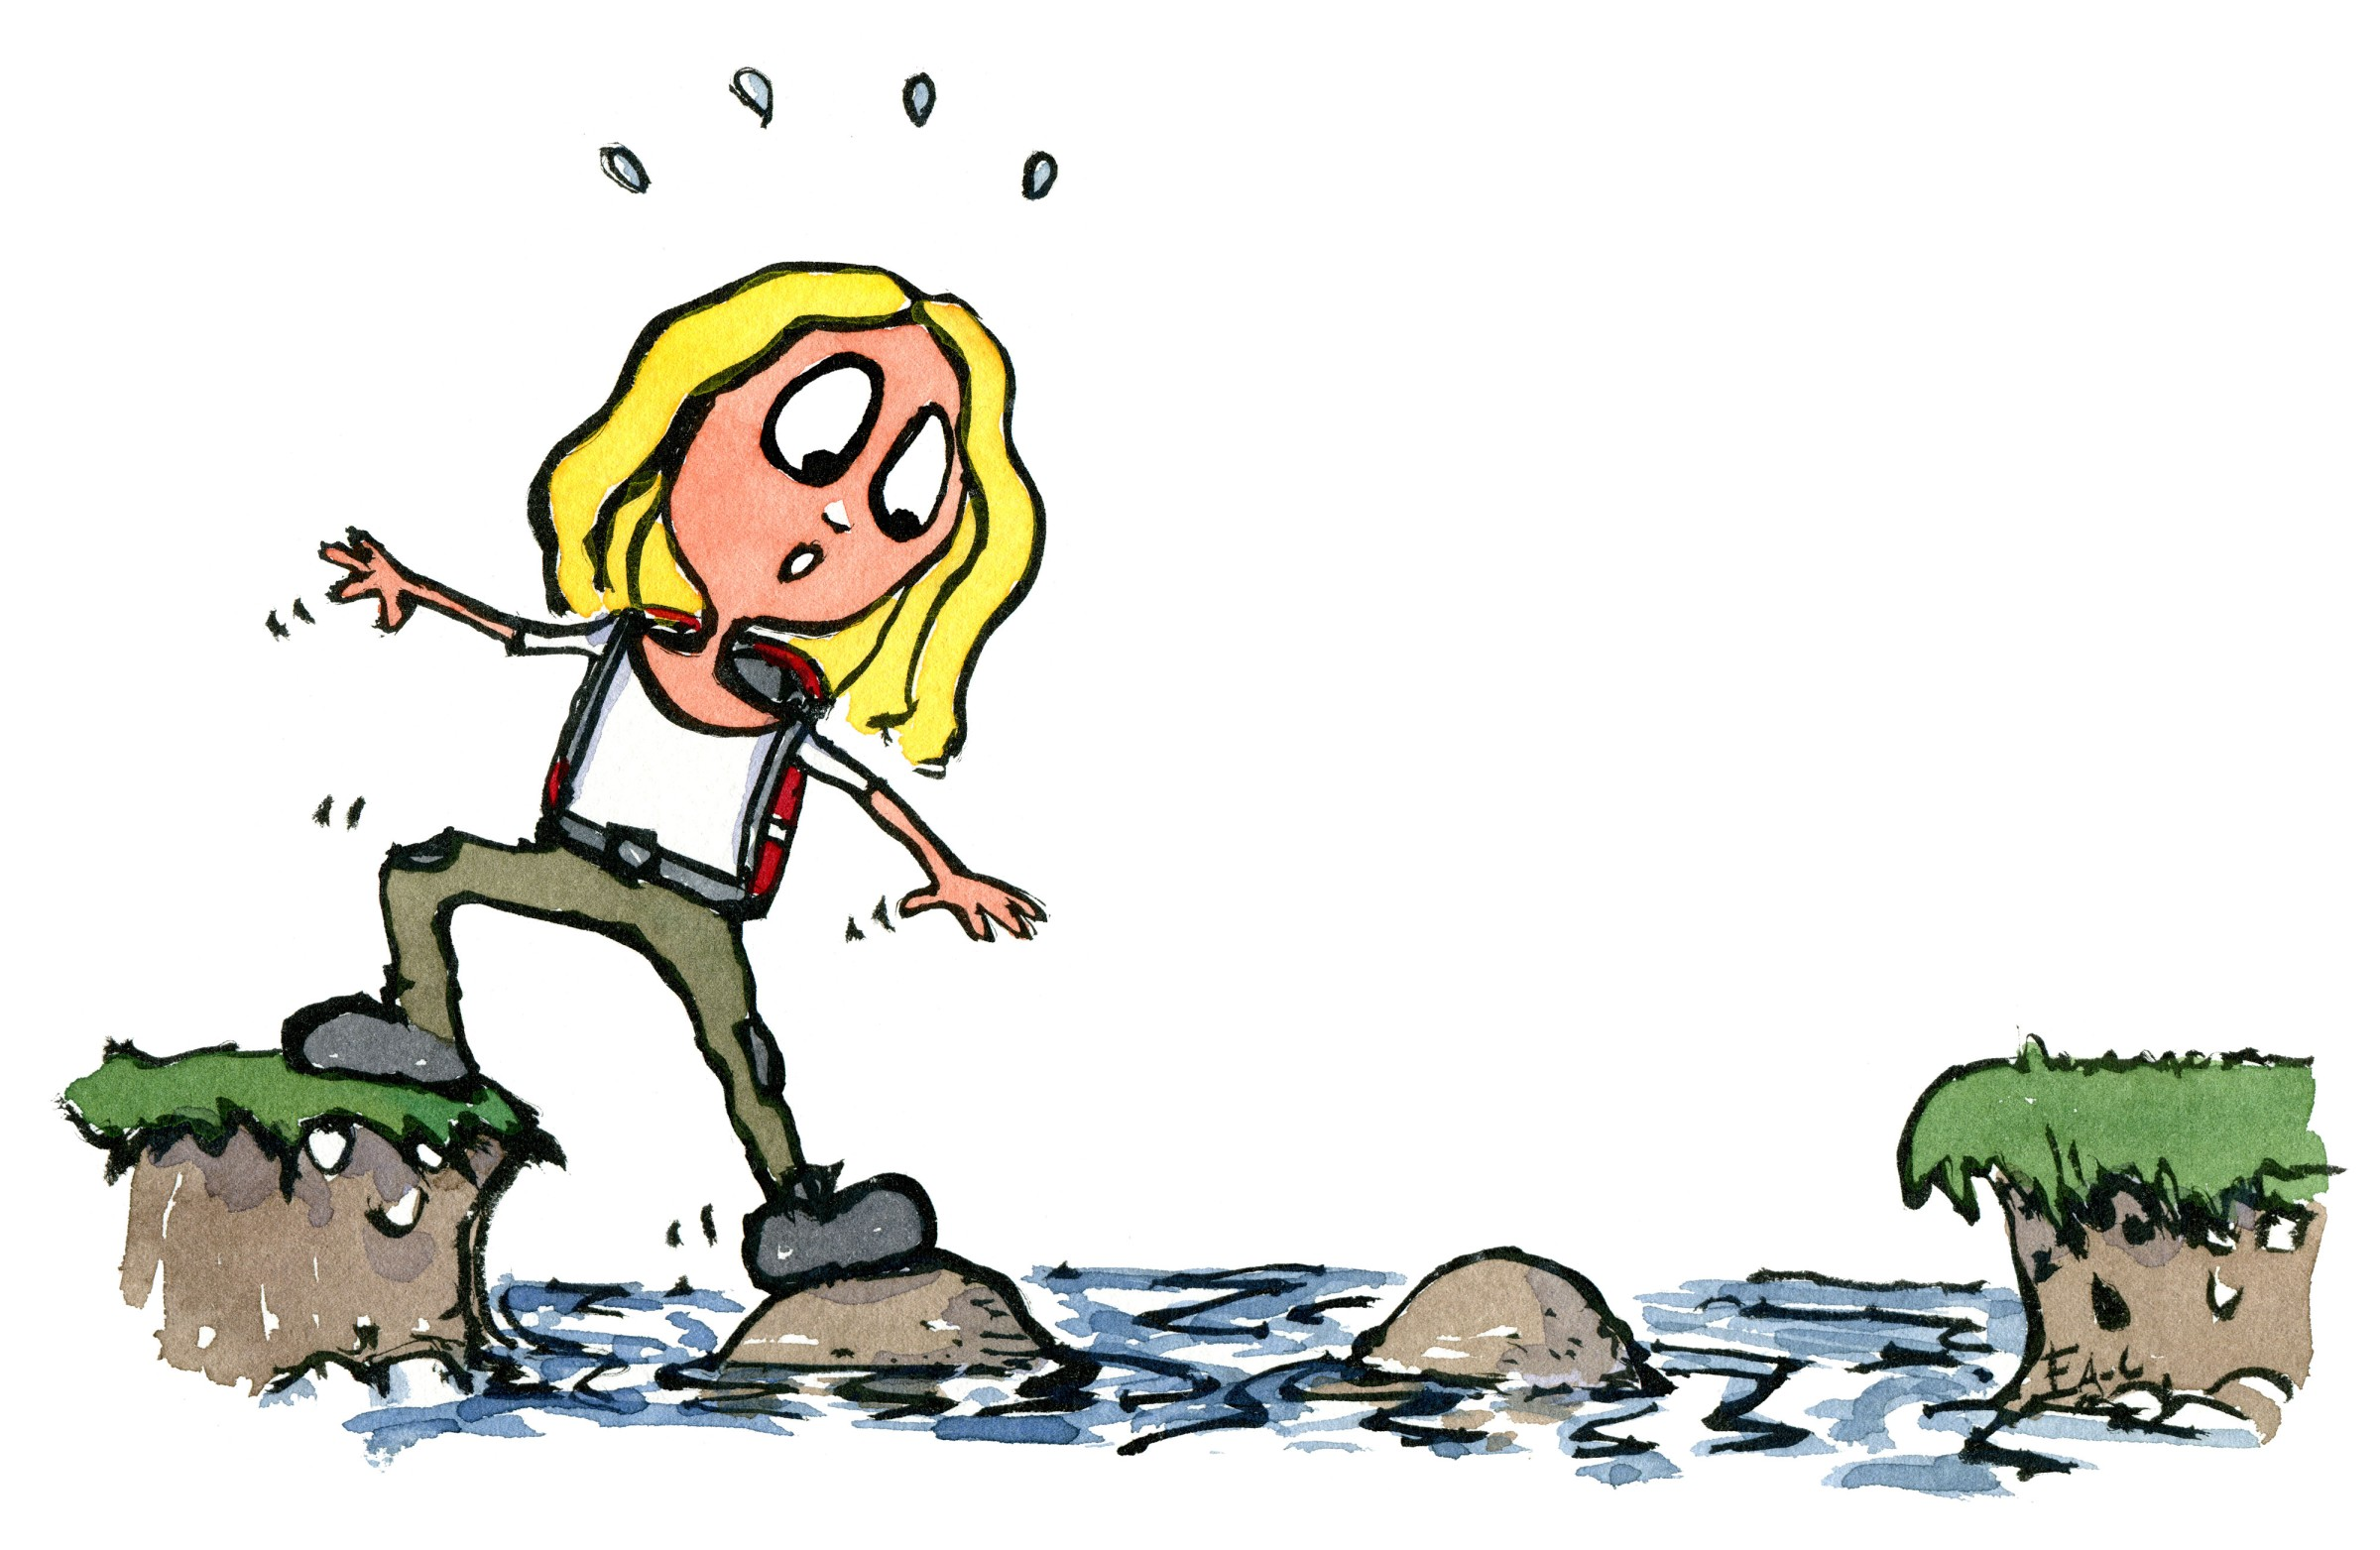 Pige som skal over steppingstones for at komme til den anden bred. Tegning af Frits Ahlefeldt